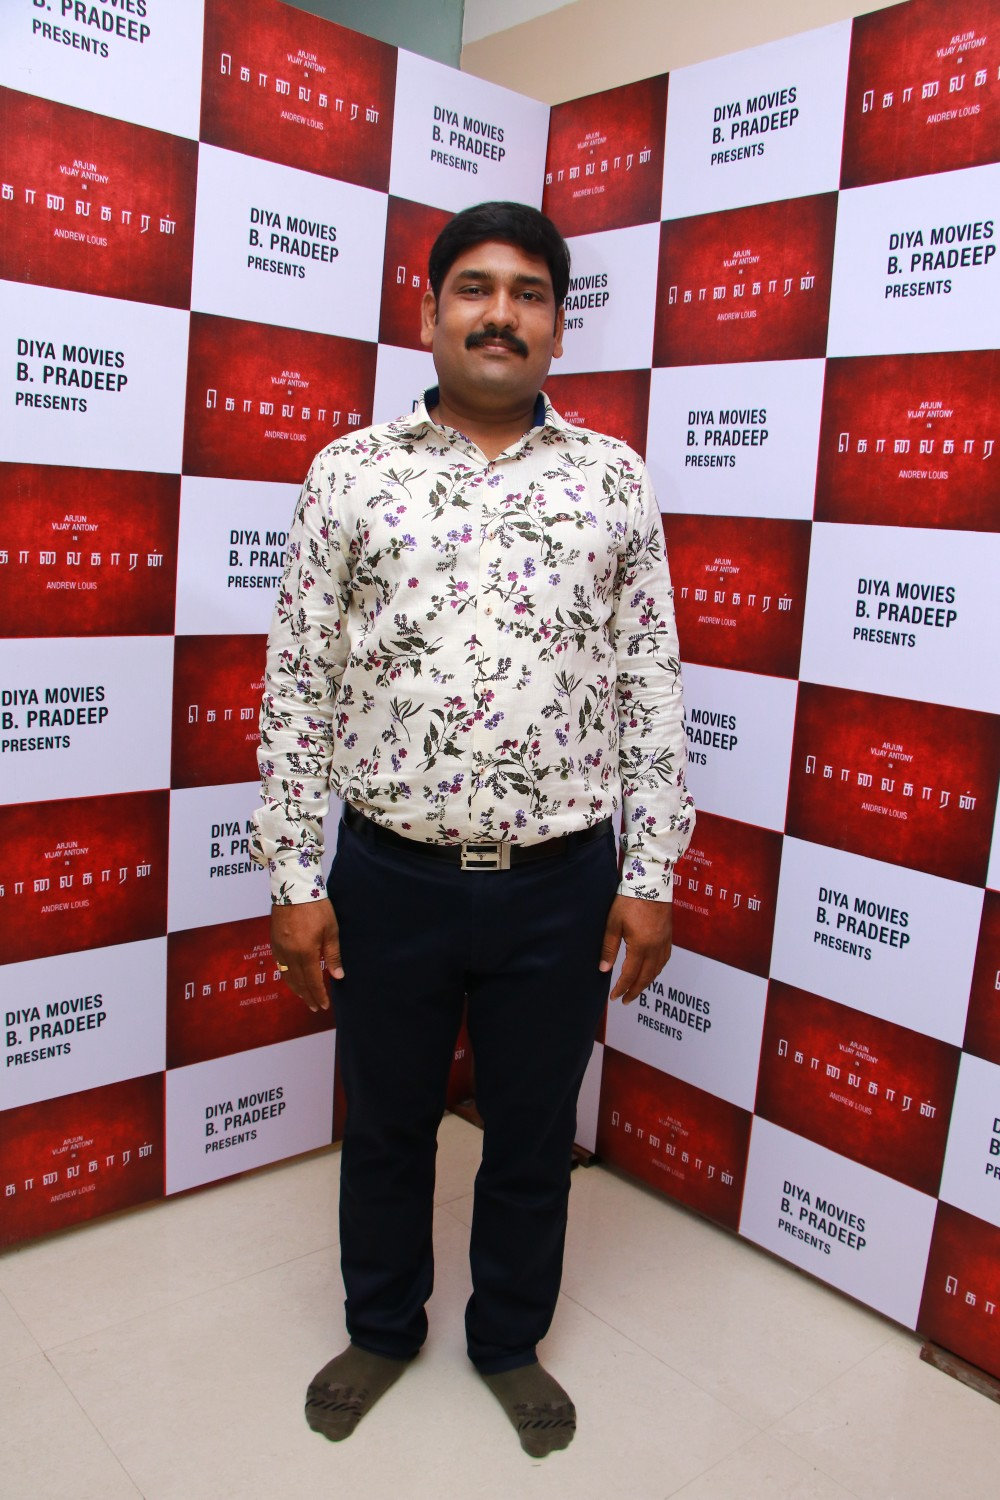 விஜய் ஆண்டனி, அர்ஜூன் நடிக்கும் 'கொலைகாரன்' பட பூஜை ஆல்பம்..!